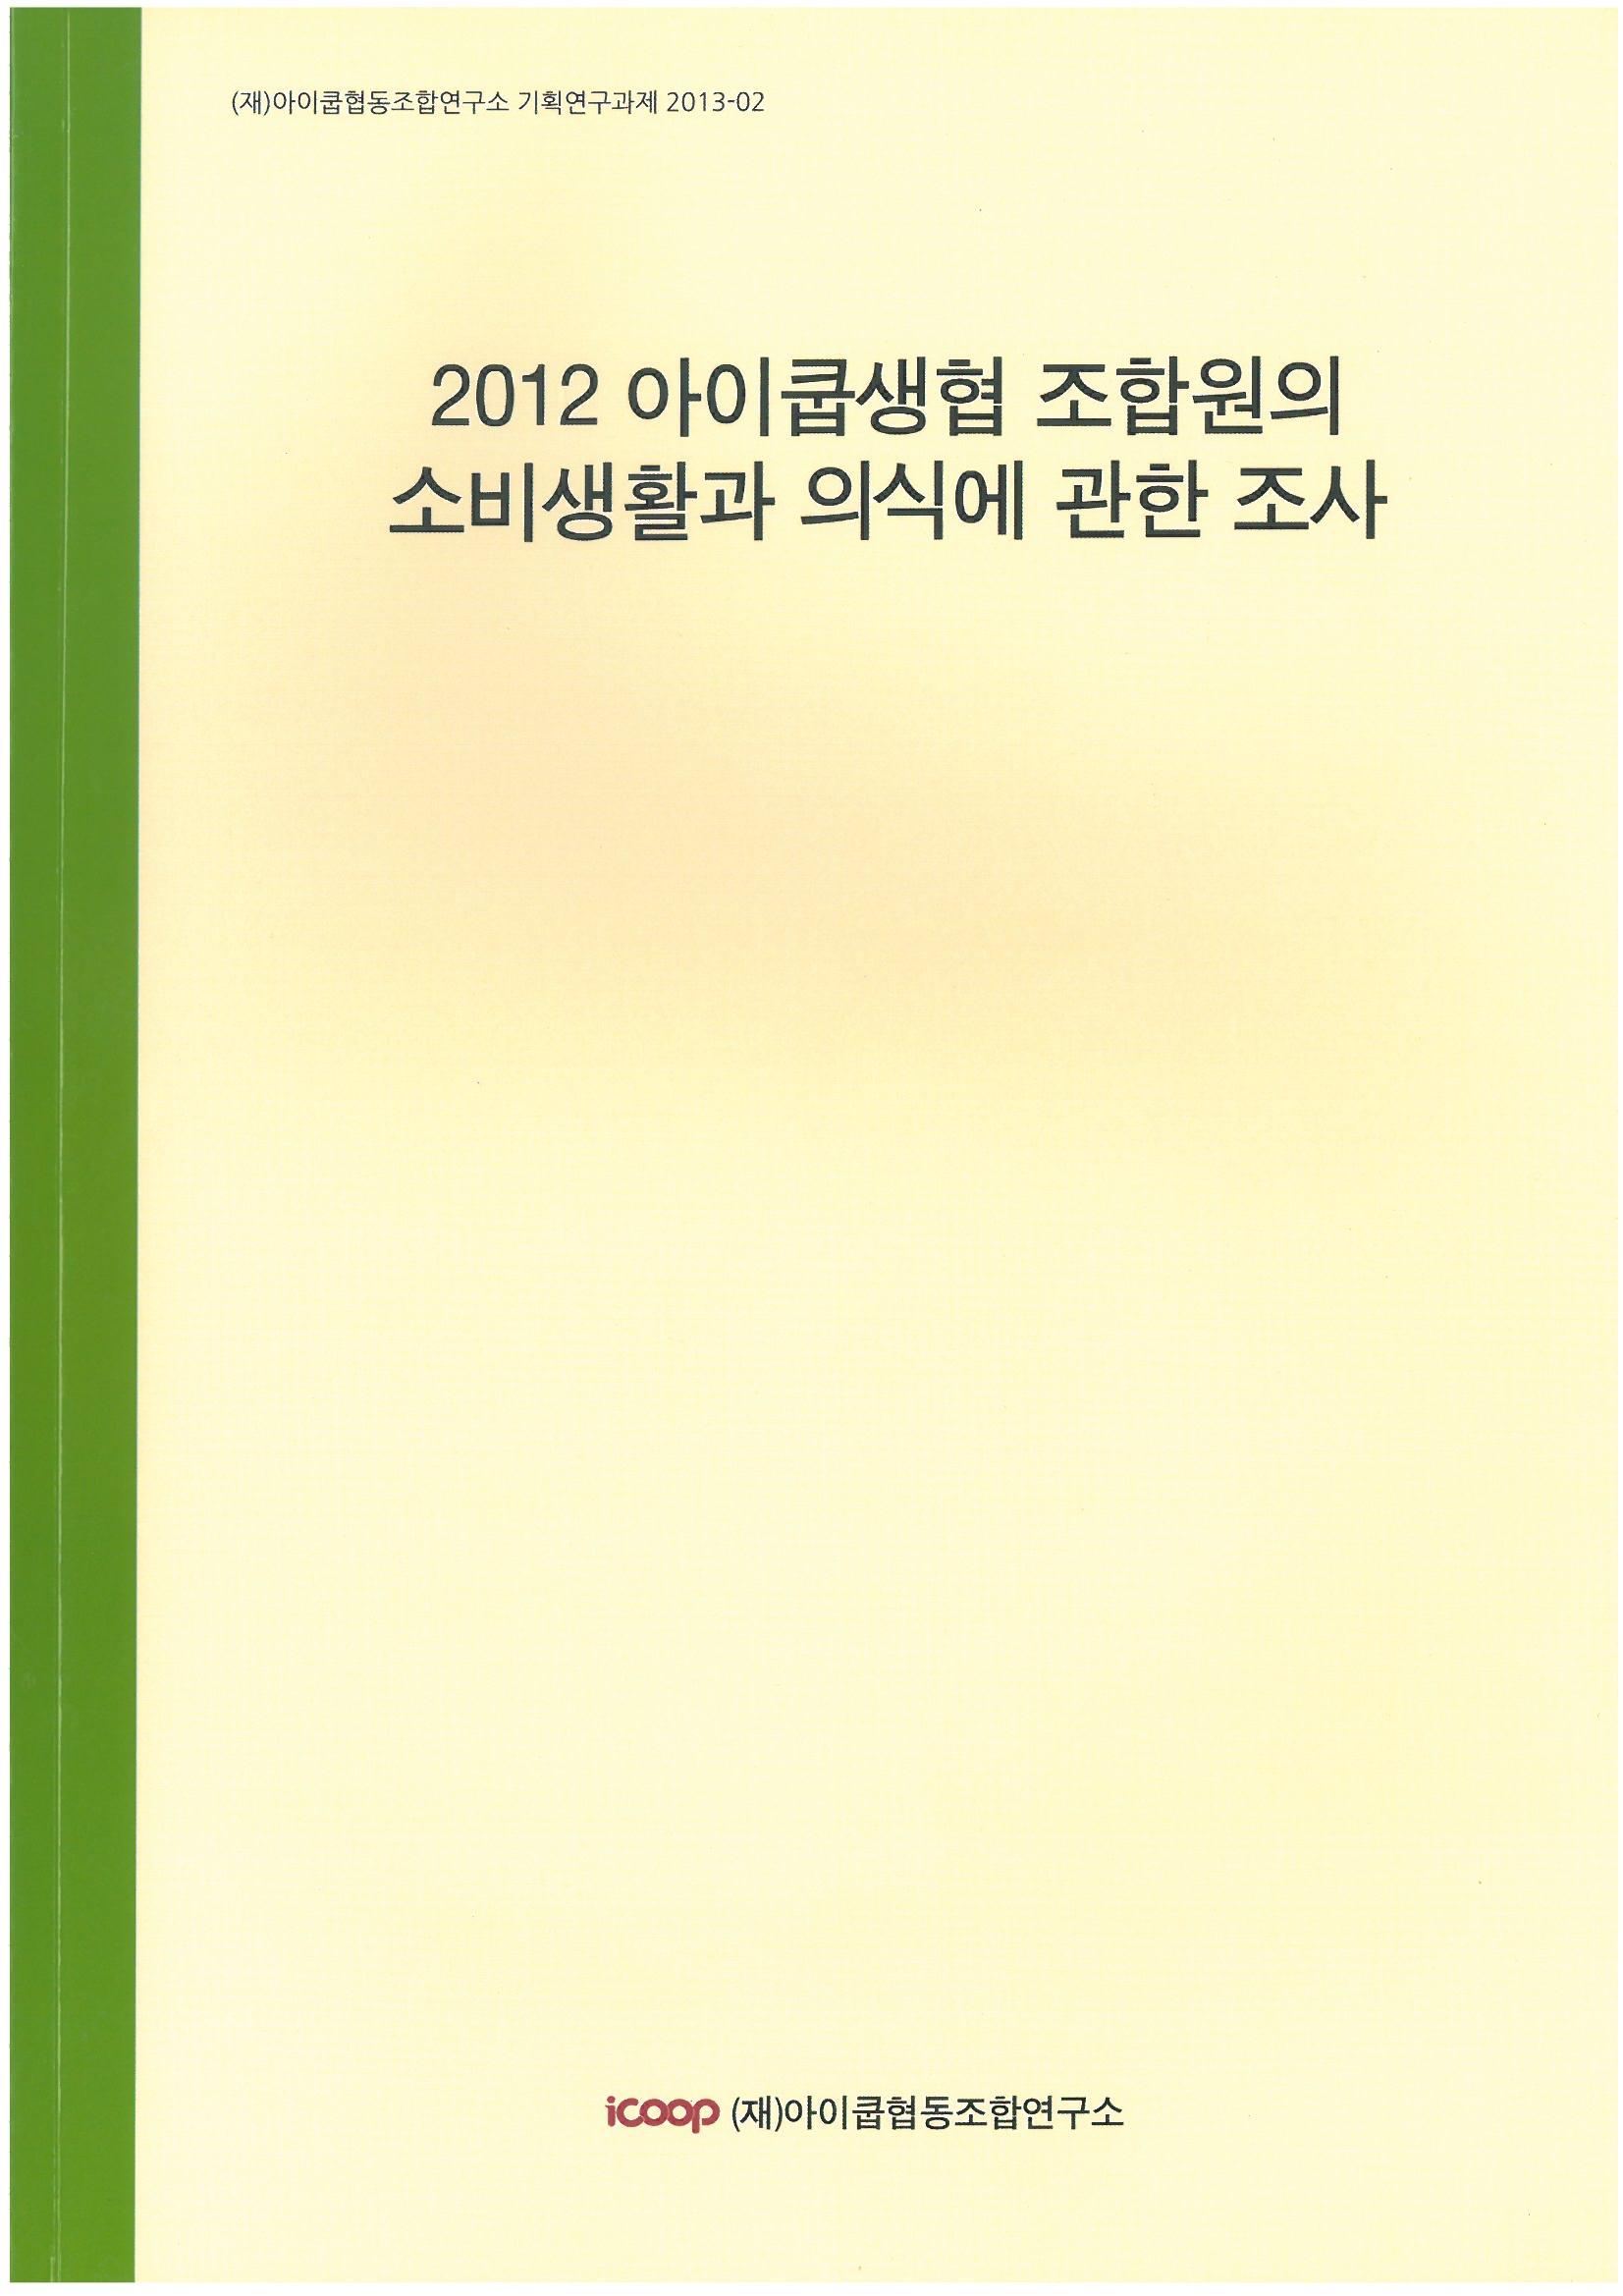 120_『2012 iCOOP생협 조합원의 소비생활과 의식에 관한 조사』(염찬희_손범규_지민진)_표지.jpg